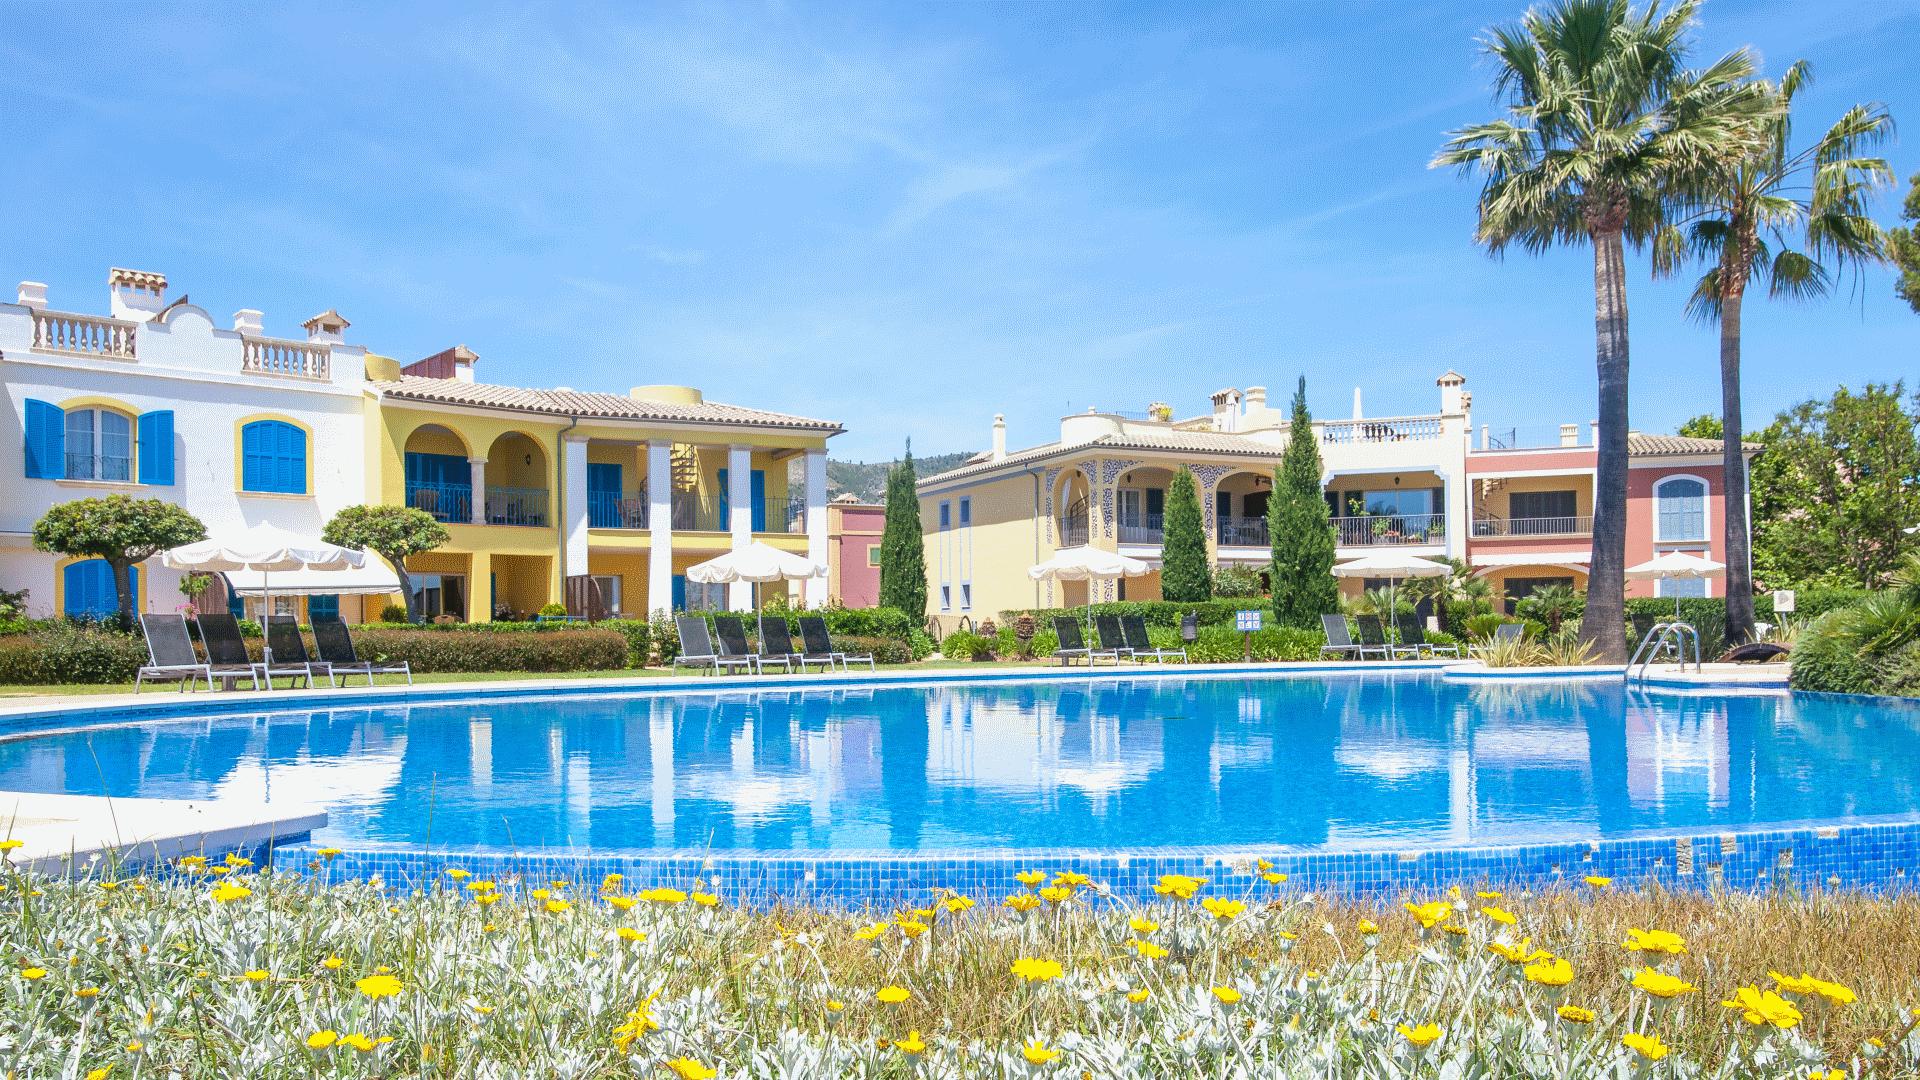 Mallorcafastigheter hjälper dig att köpa din drömbostad på Mallorca